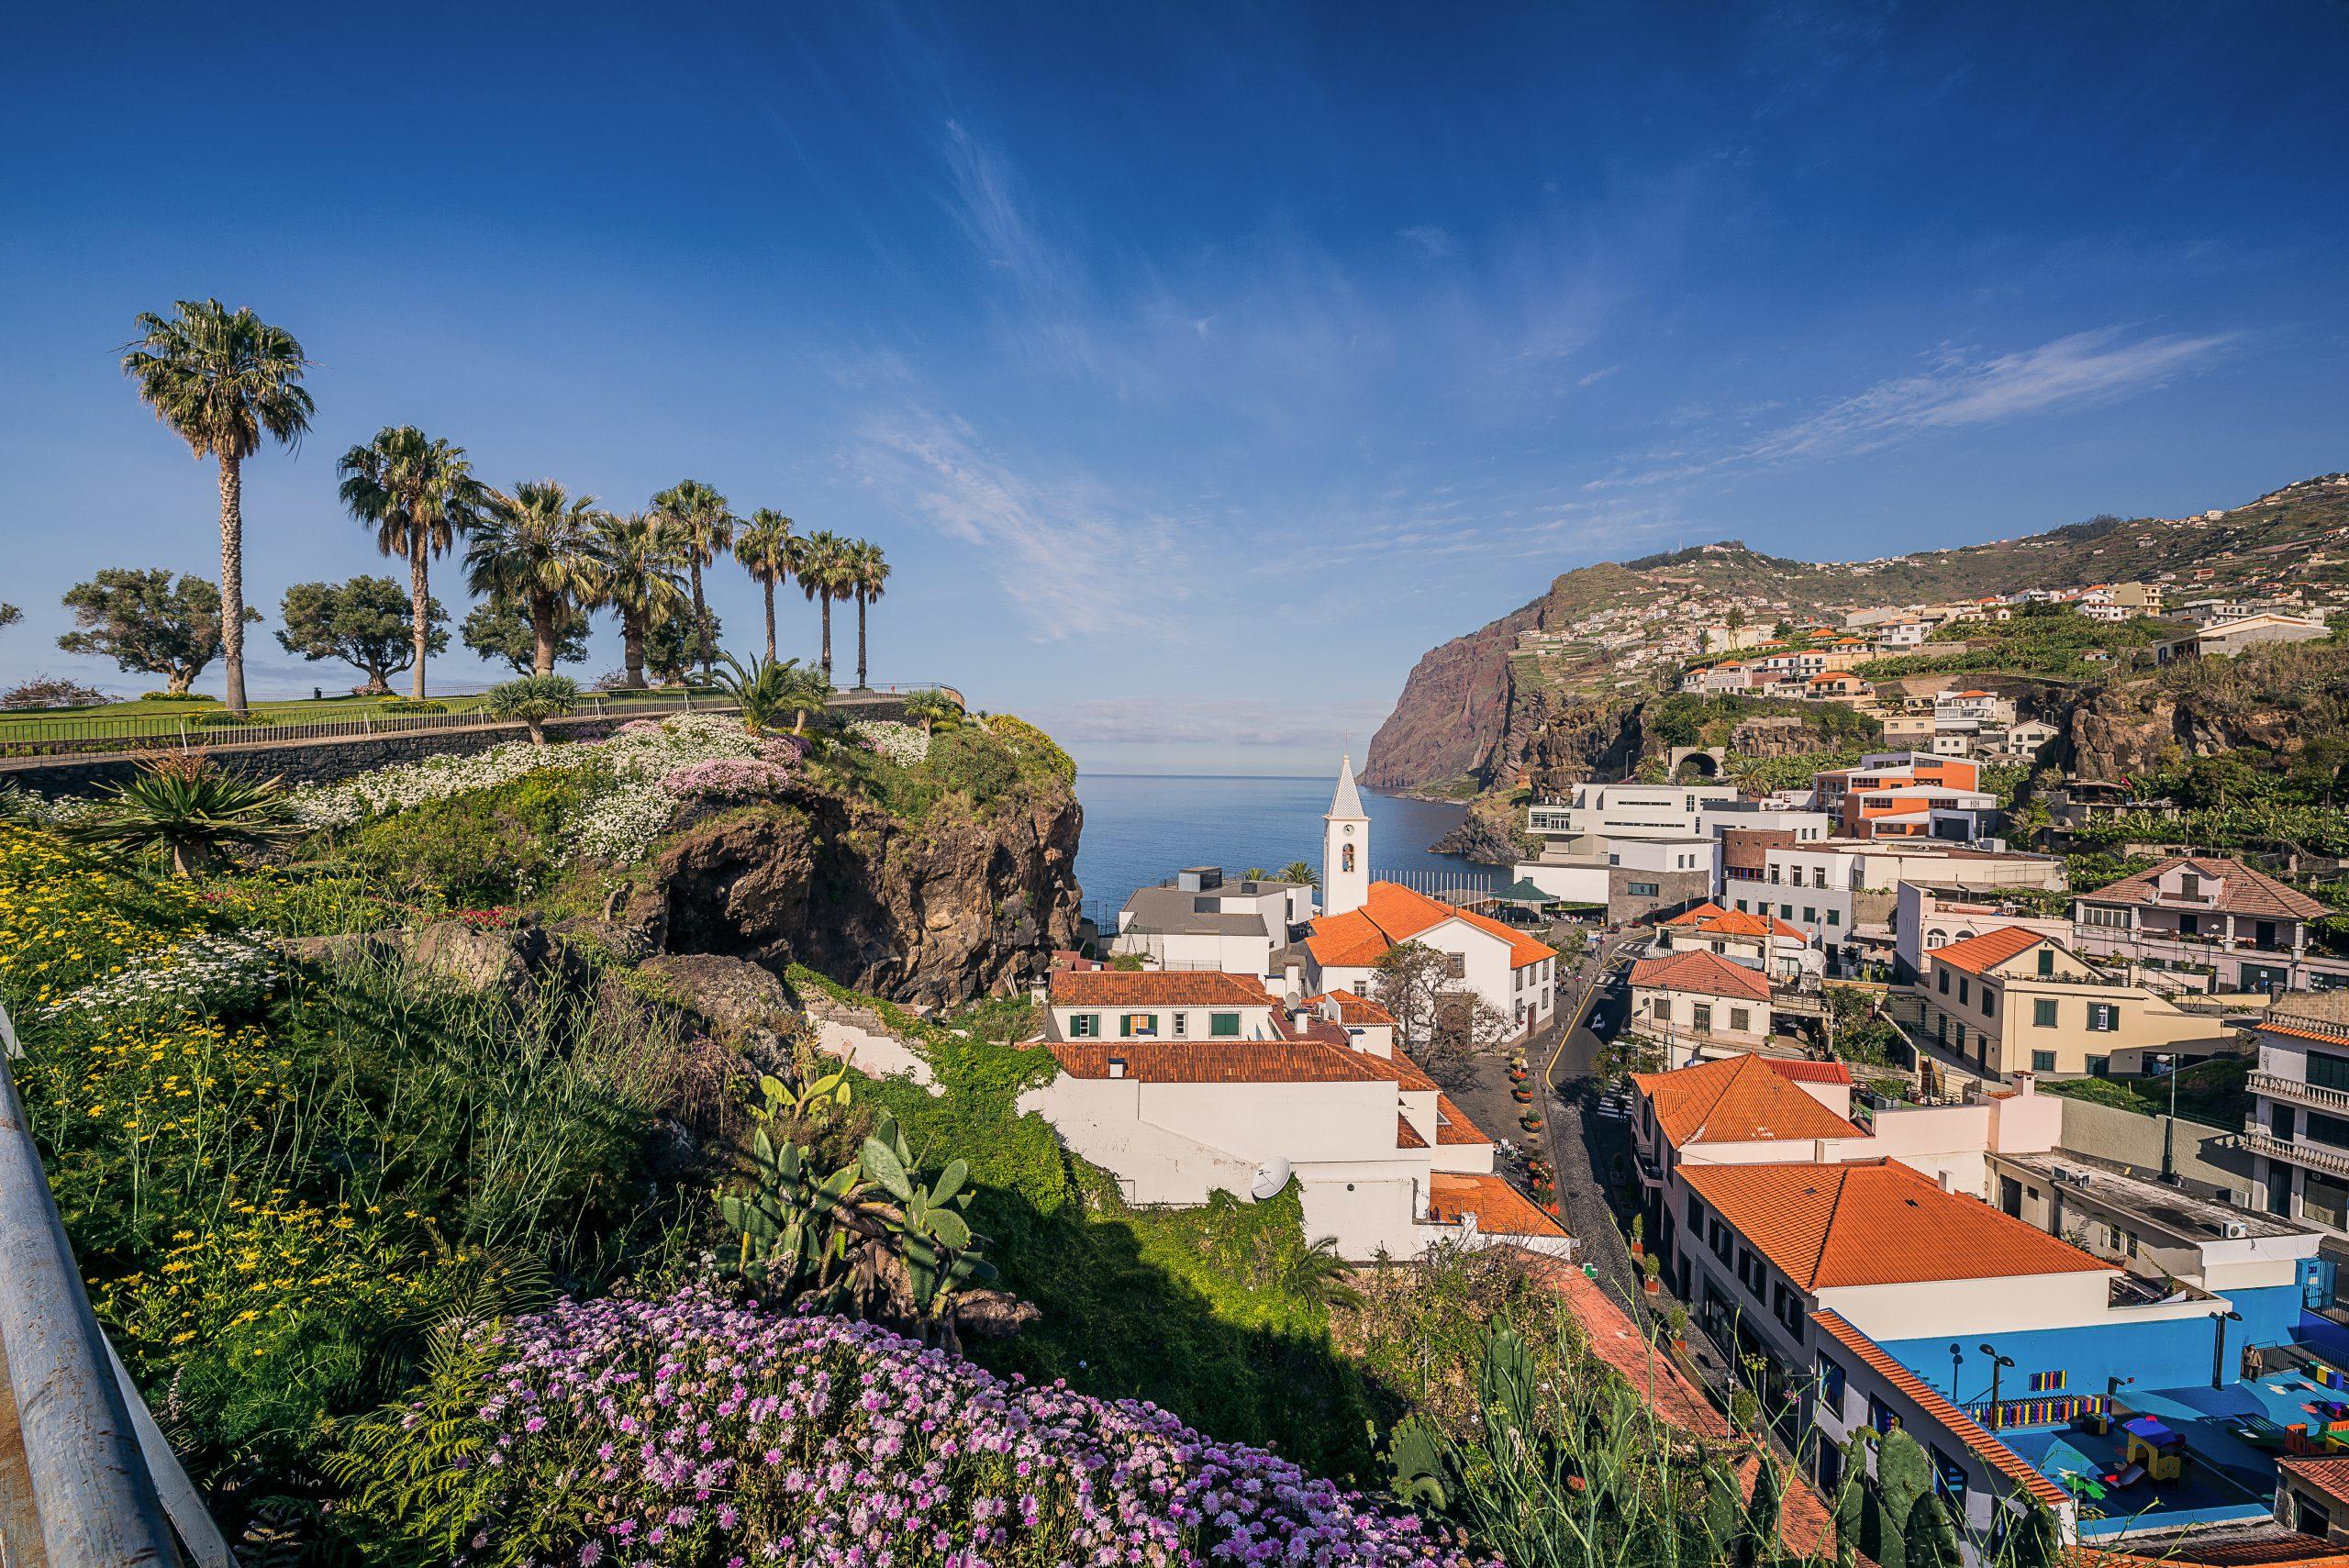 Madeira er en populær destination for blandt andet danske turister. Her er det fra Camara de Lobos tæt på hovedbyen Funchal. Foto: Francisco Correia for Turismo Madeira.